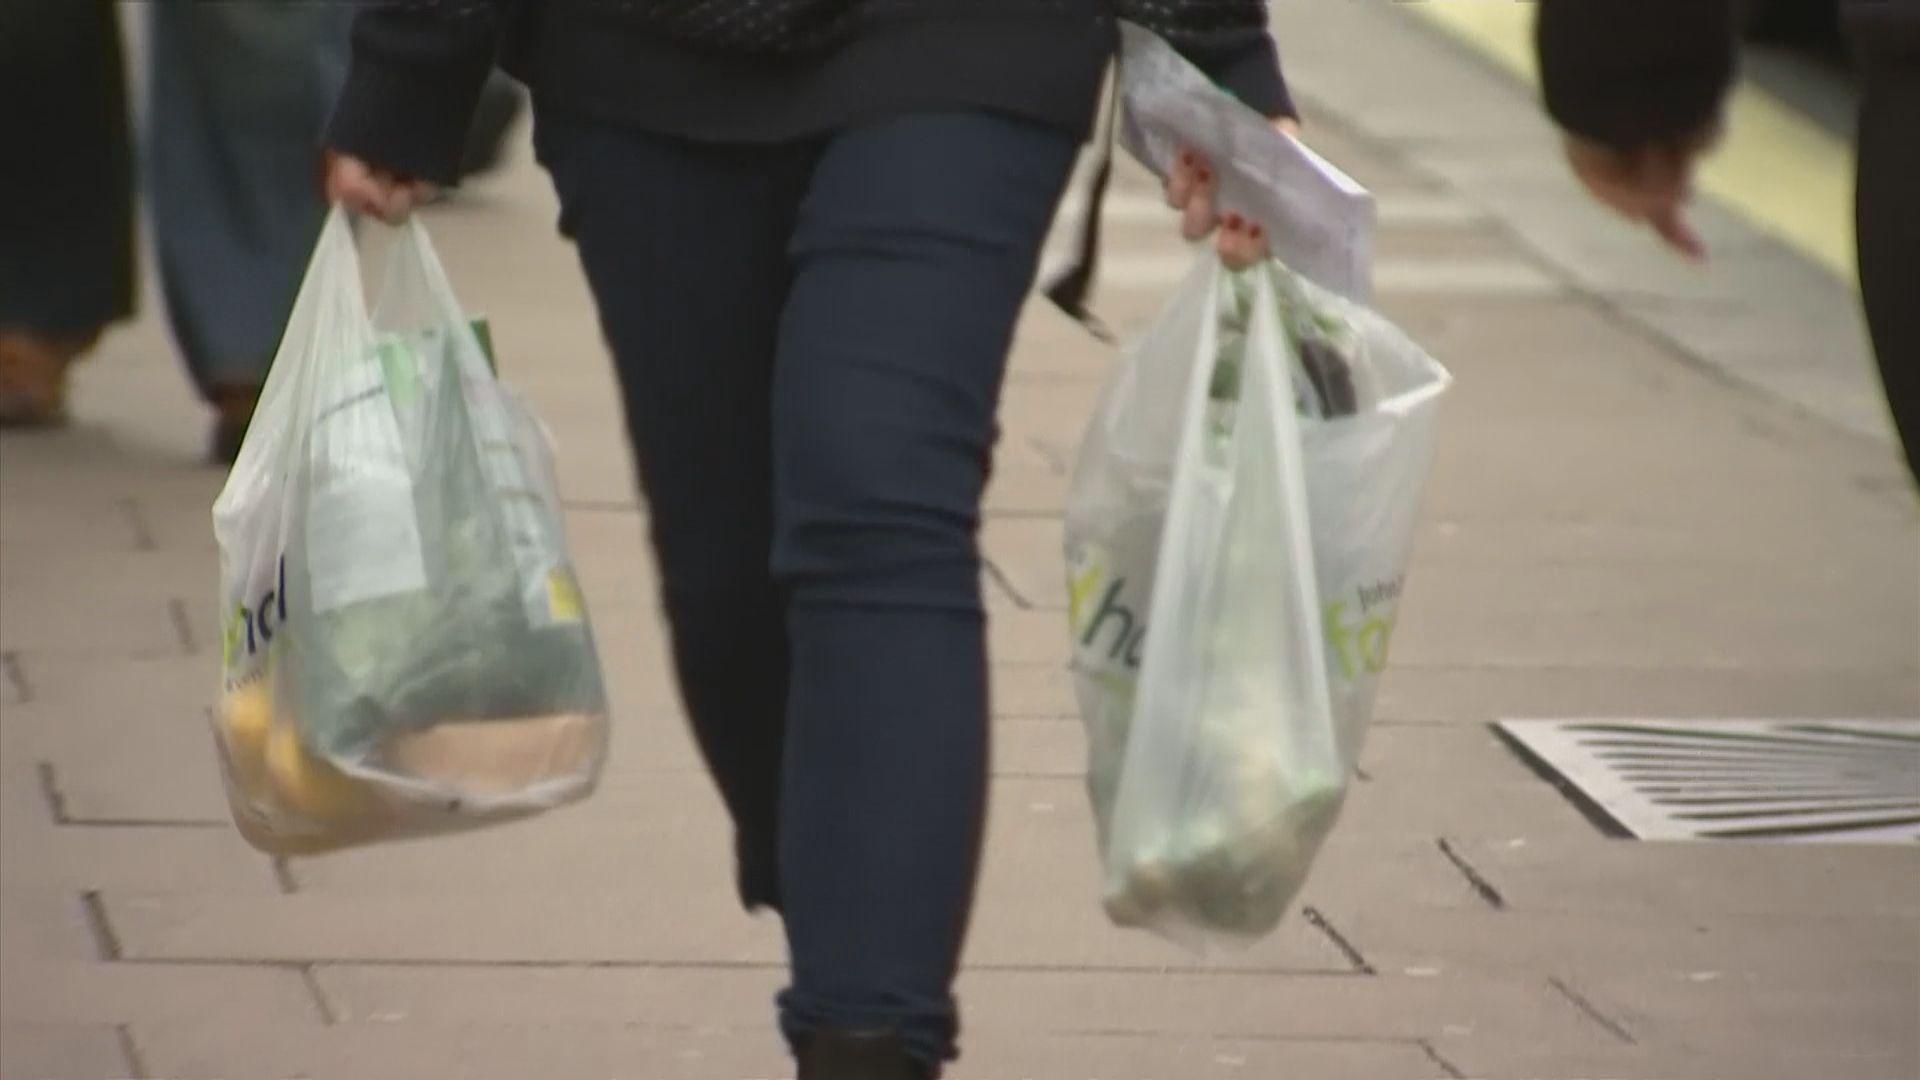 【環球薈報】英國政府有意將膠袋徵費提高一倍